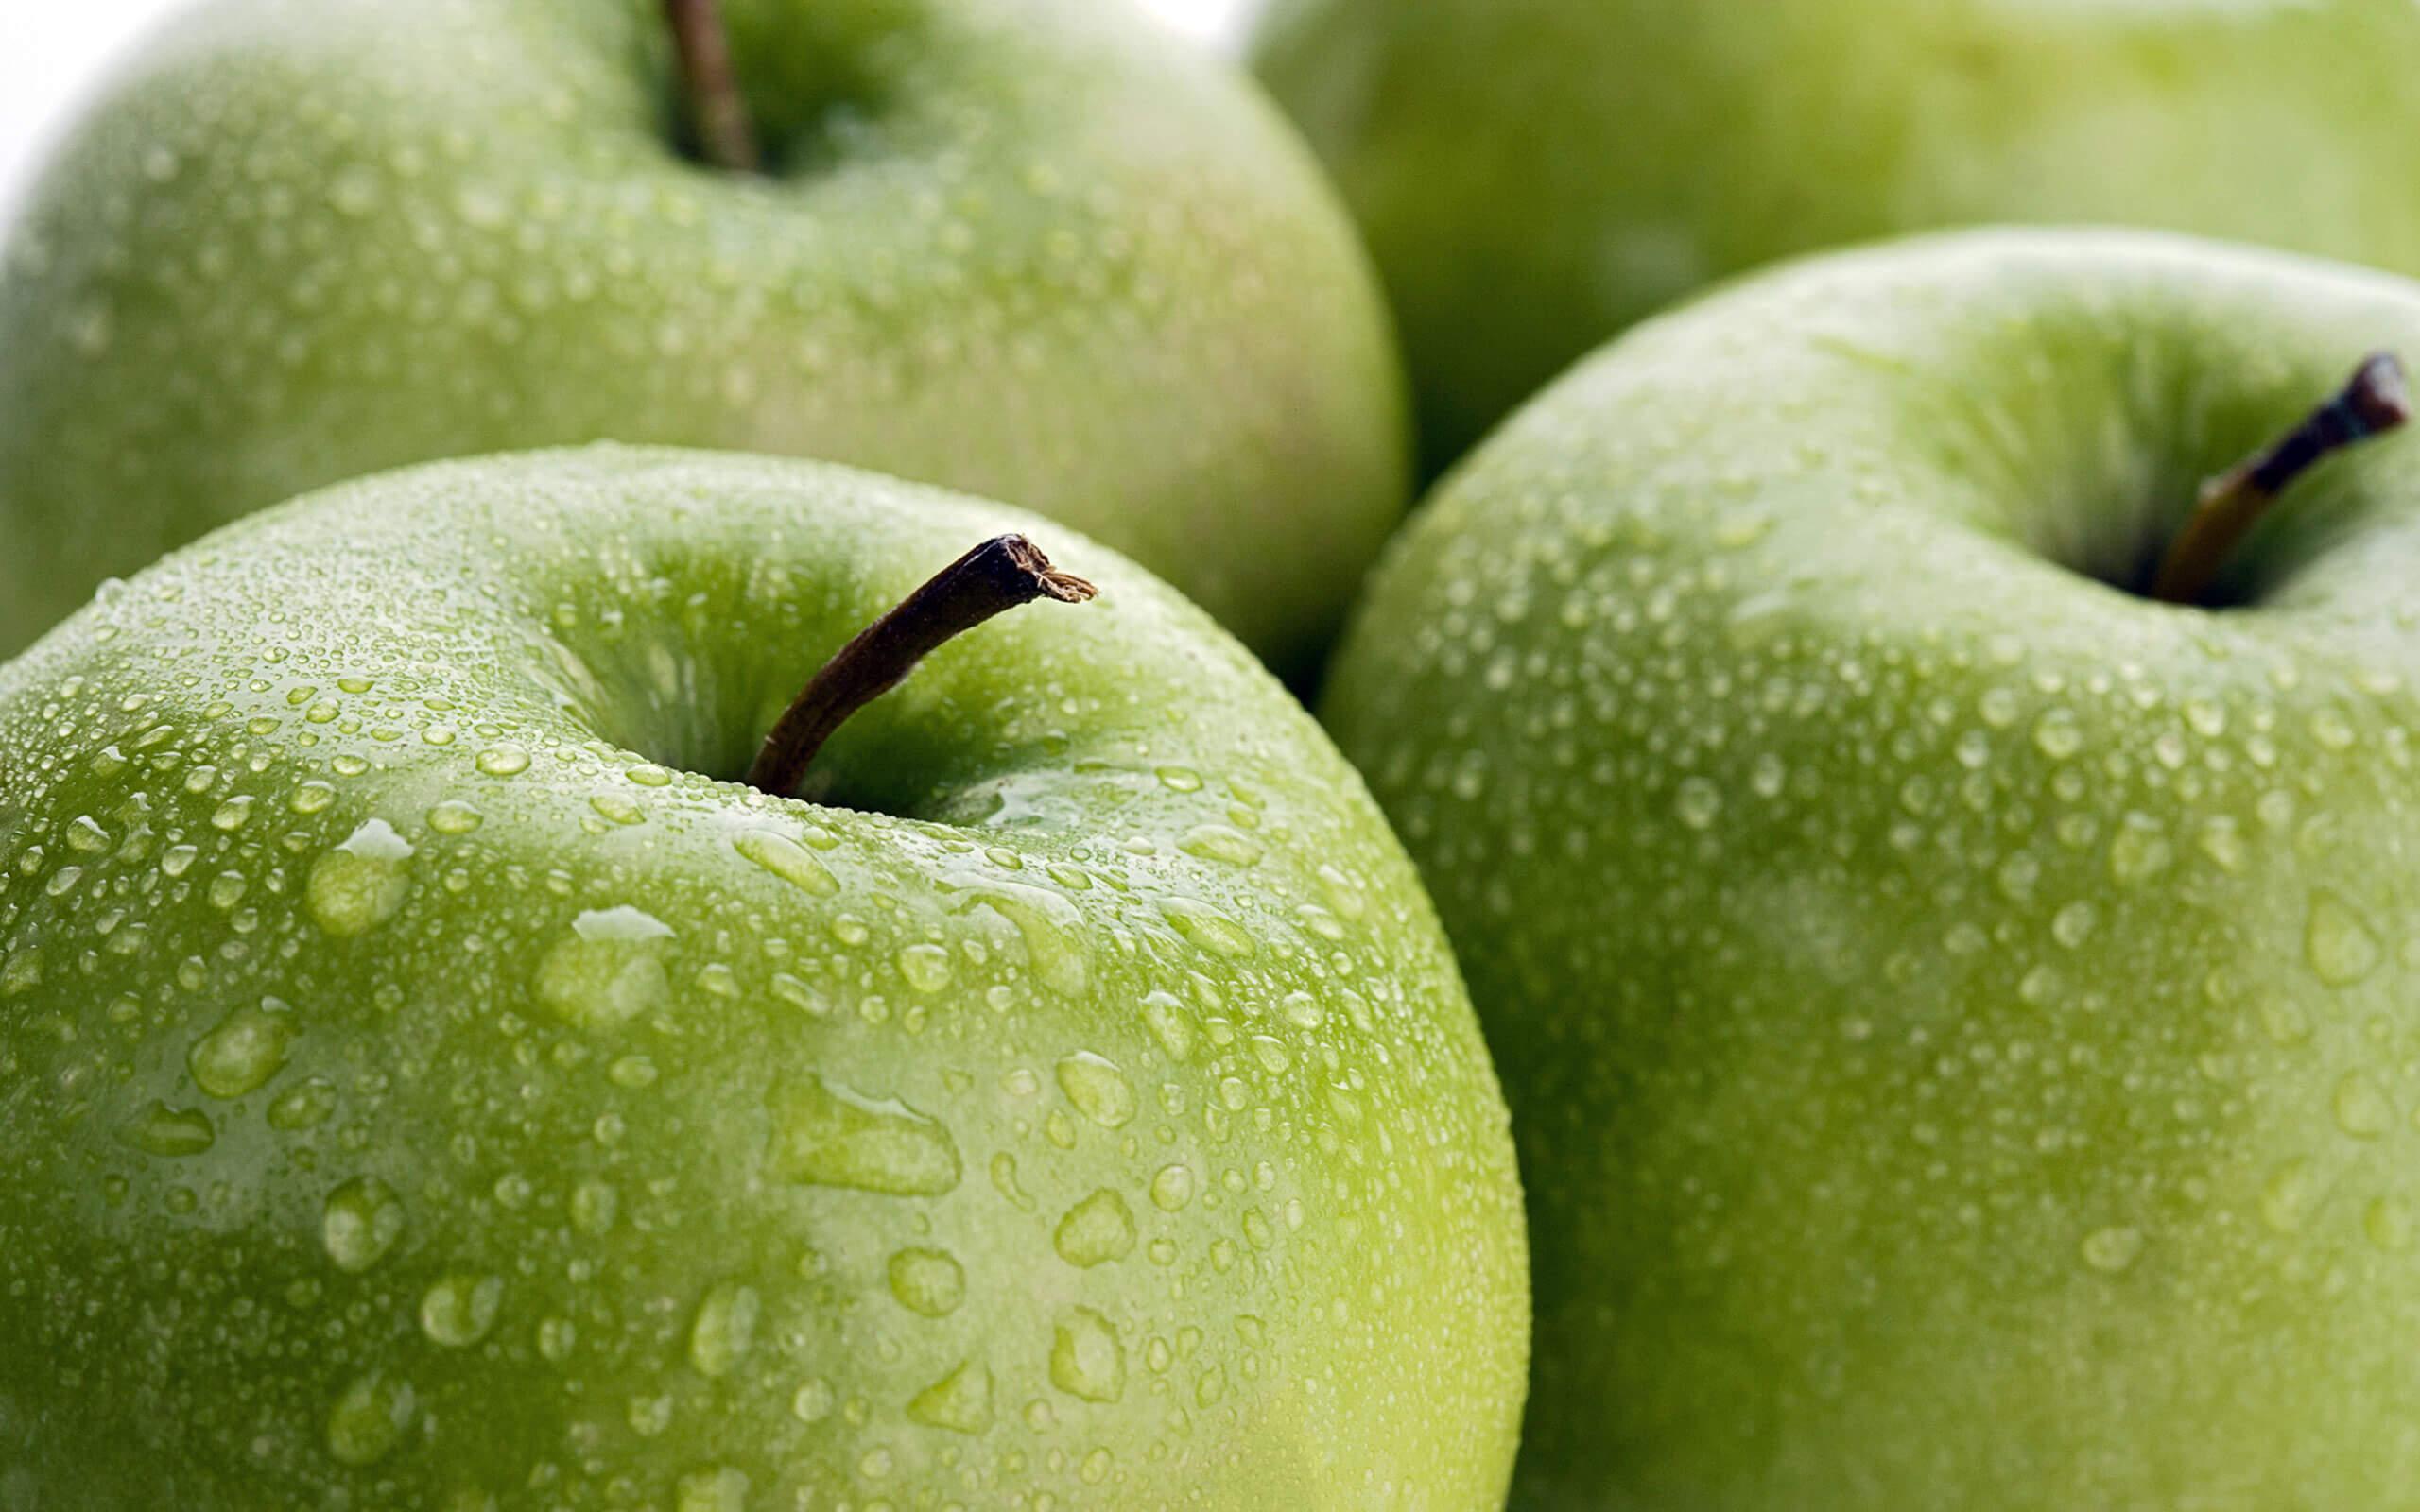 La cáscara de la manzana es buena para la salud.